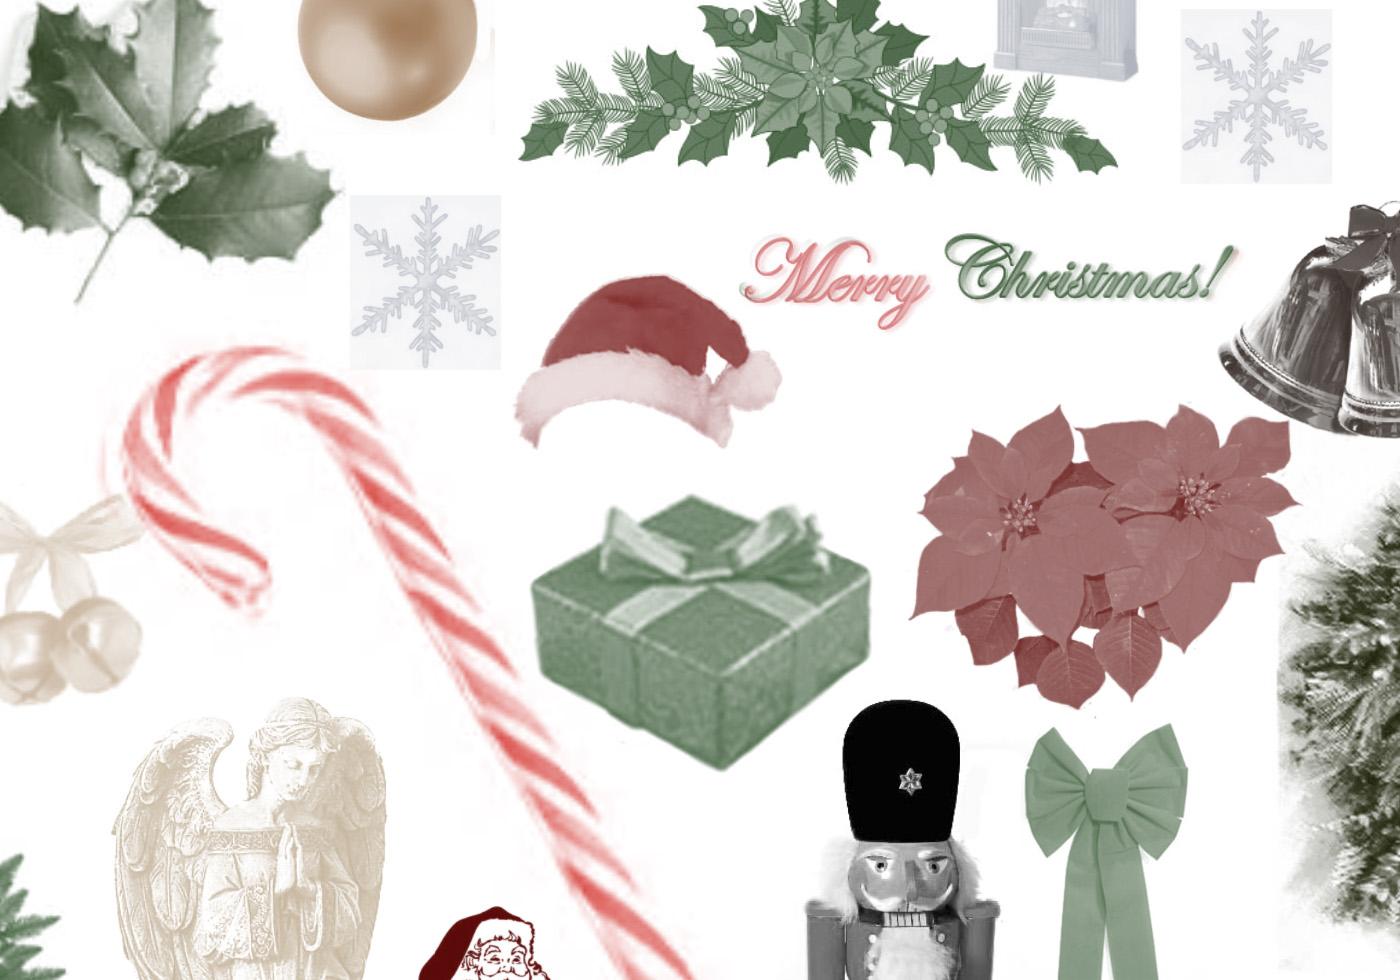 Christmas brushes free photoshop brushes at brusheezy for Photoshop christmas